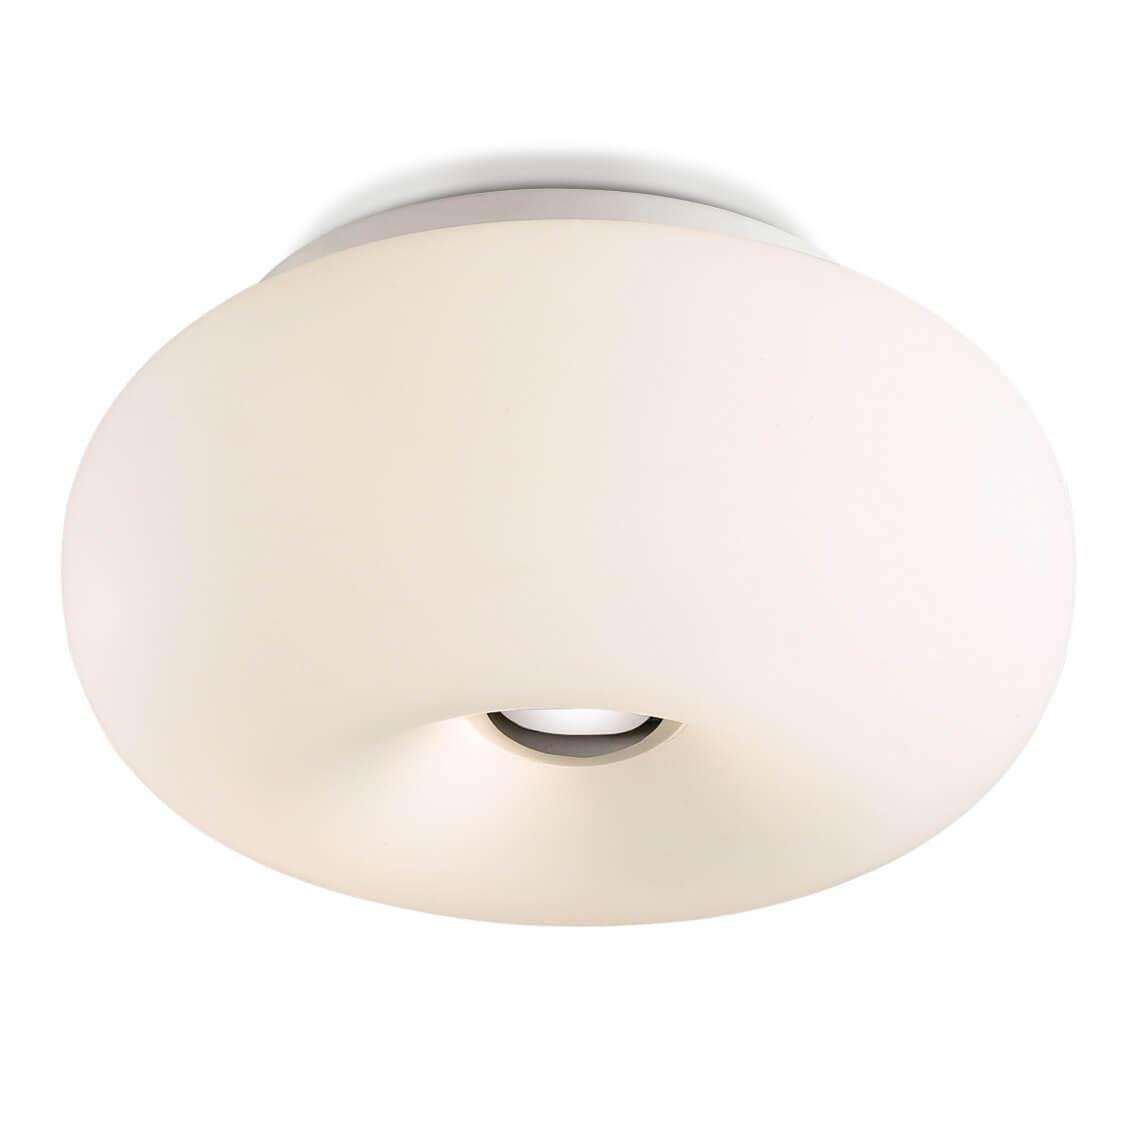 Потолочный светильник Odeon Light Pati 2205/2C потолочный светильник коллекция pati 2205 2c хром белый odeon light одеон лайт